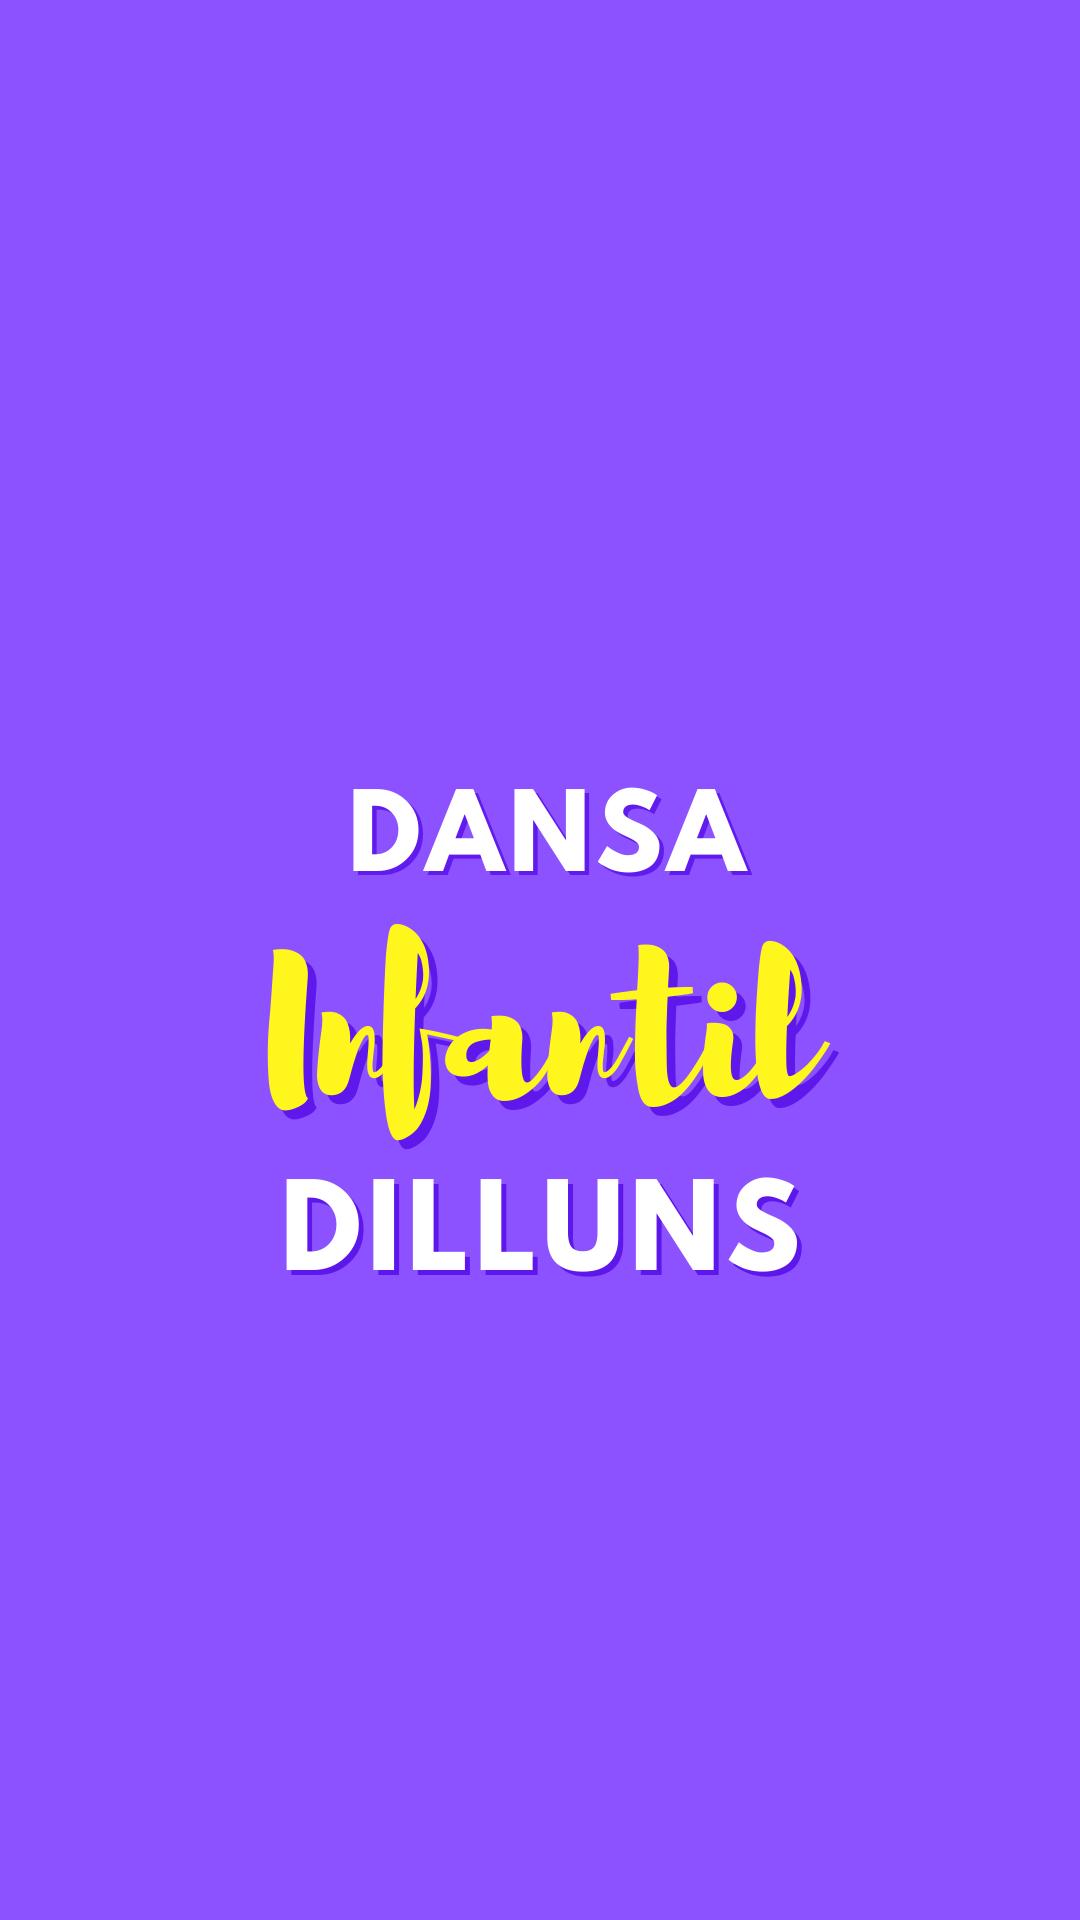 Dansa Infantil 1 (dilluns)